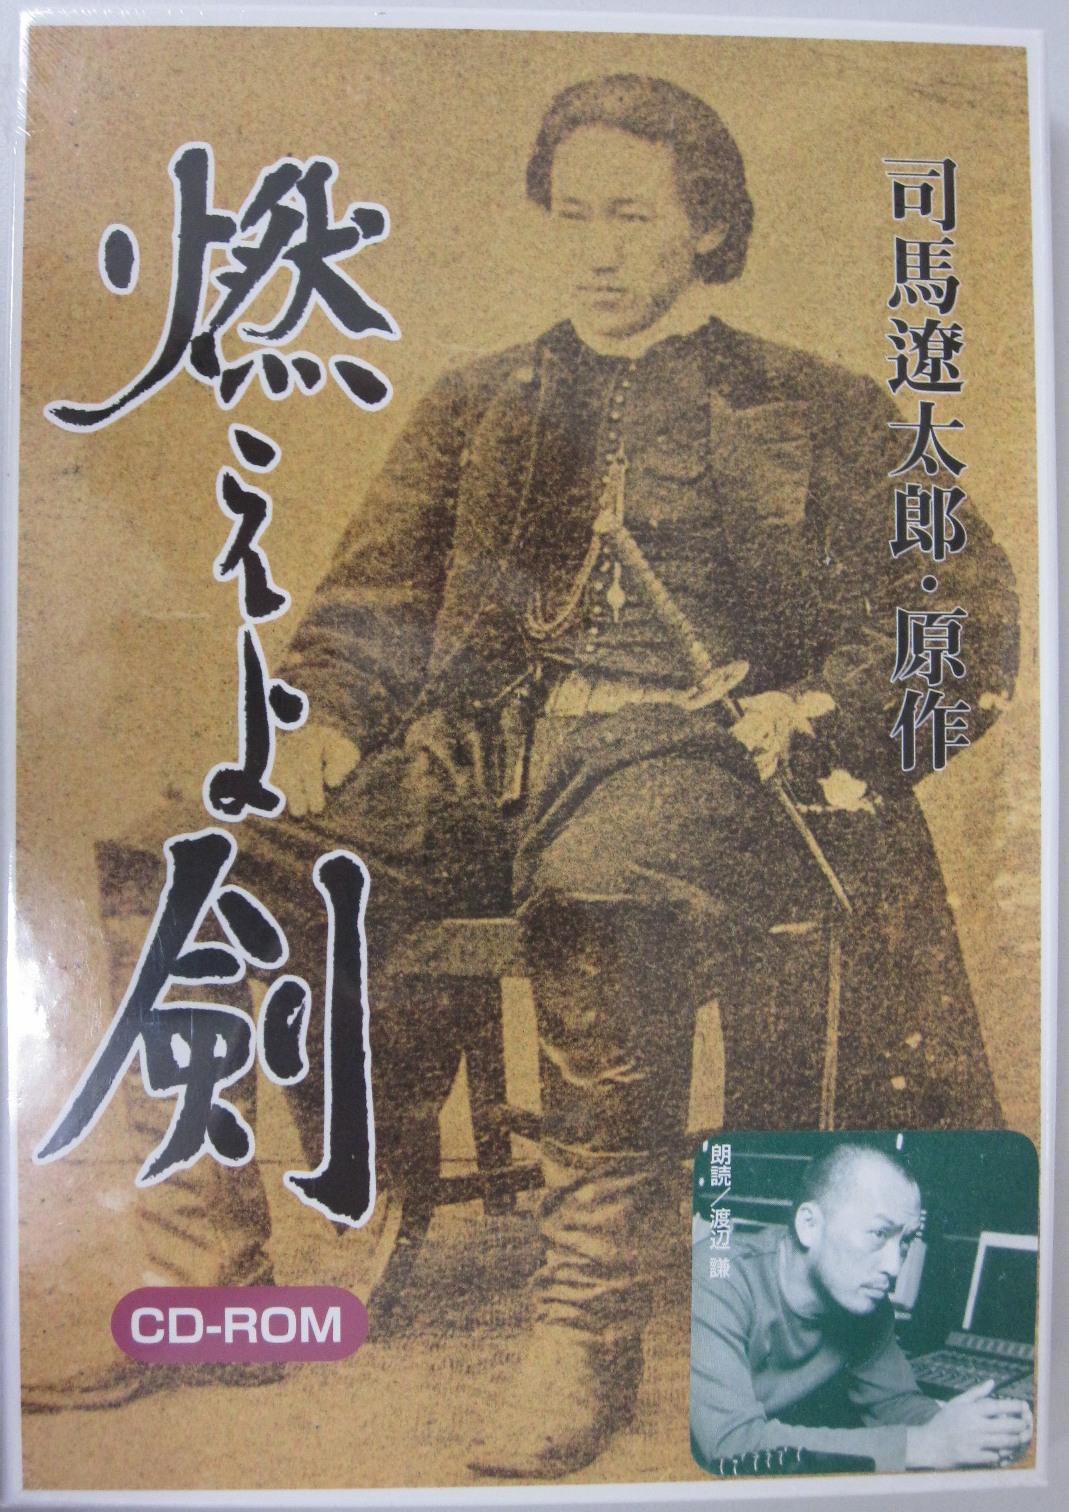 司馬遼太郎 CD-ROM 燃えよ剣(土...